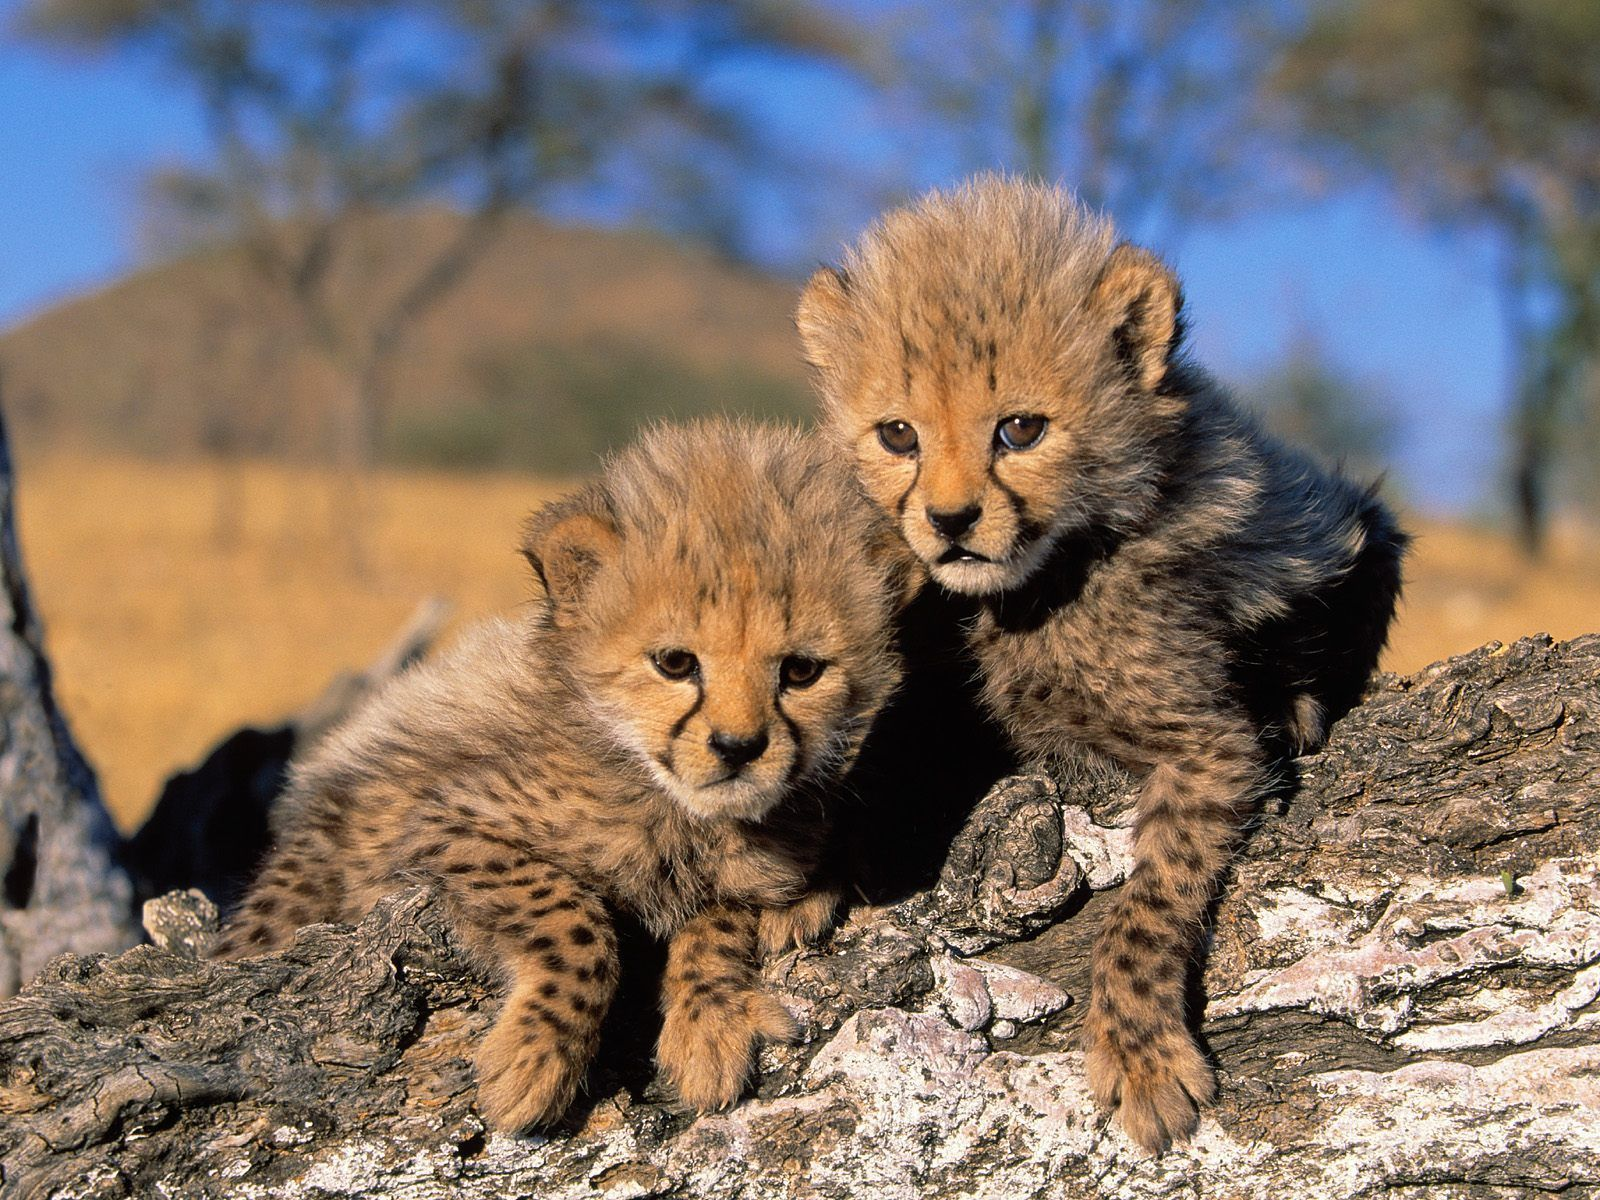 Baby Cheetahs So Cute Cheetah Pictures Baby Cheetahs Cheetah Cubs